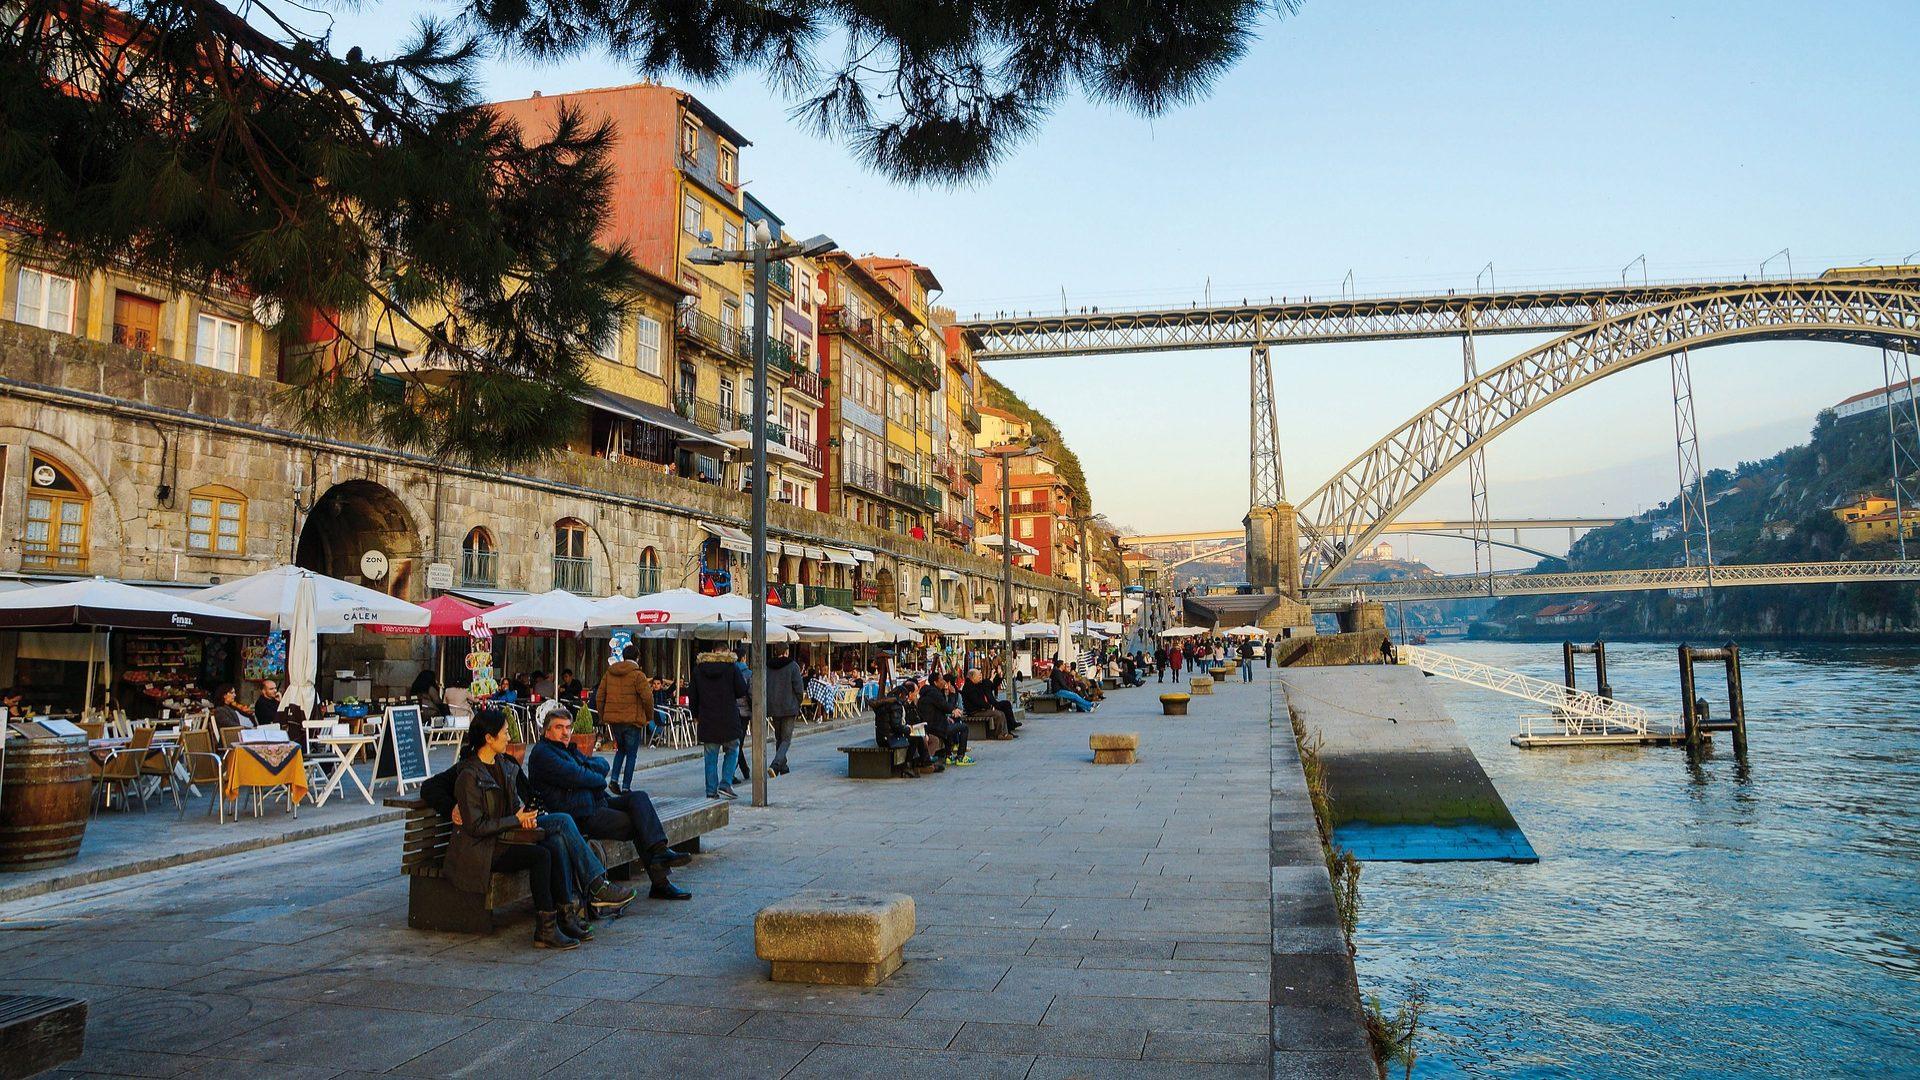 Portugal recebeu 2,5 milhões de turistas em outubro. Hóspedes perderam interesse pelo Algarve